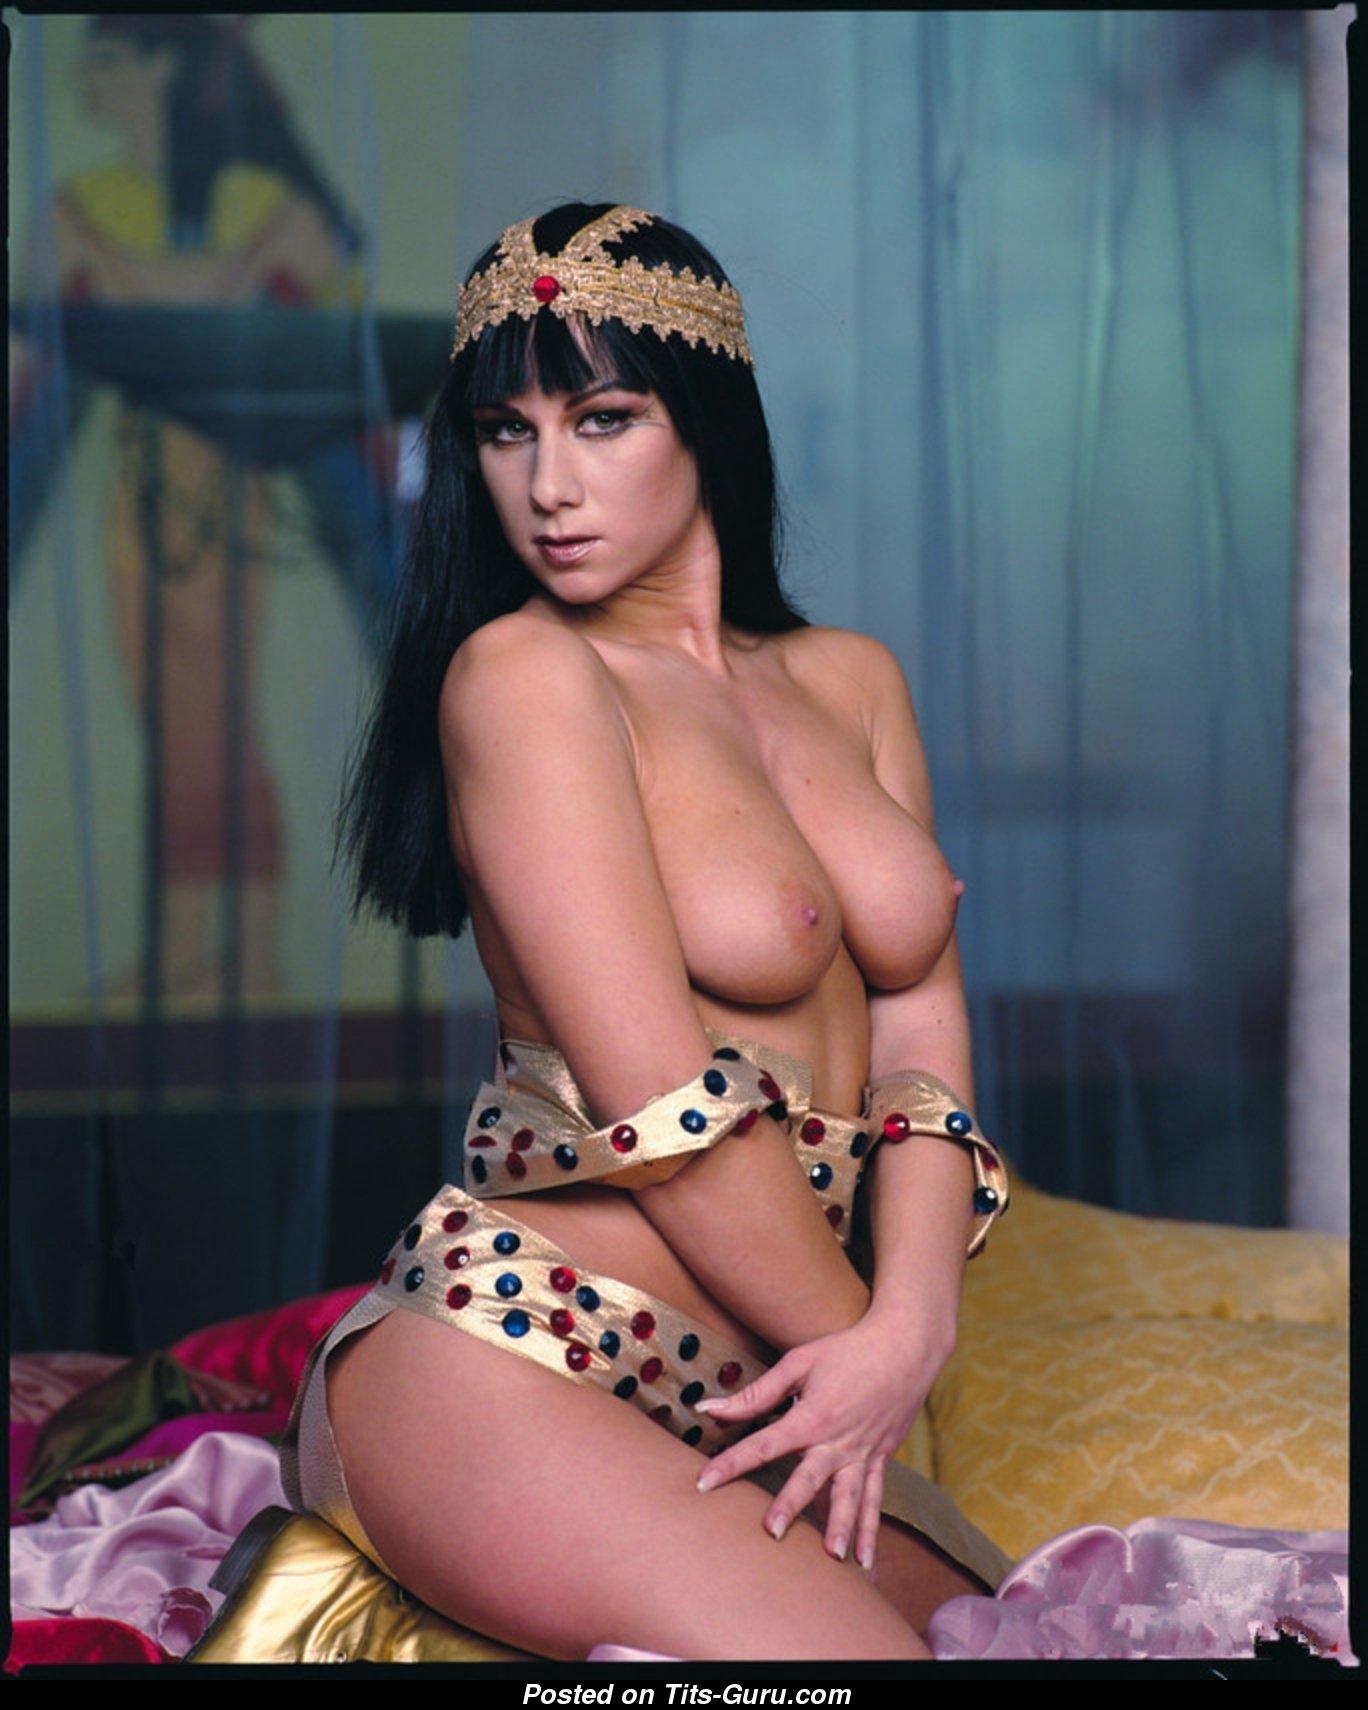 Екатерина обнажённая царица полная порногафическая версия